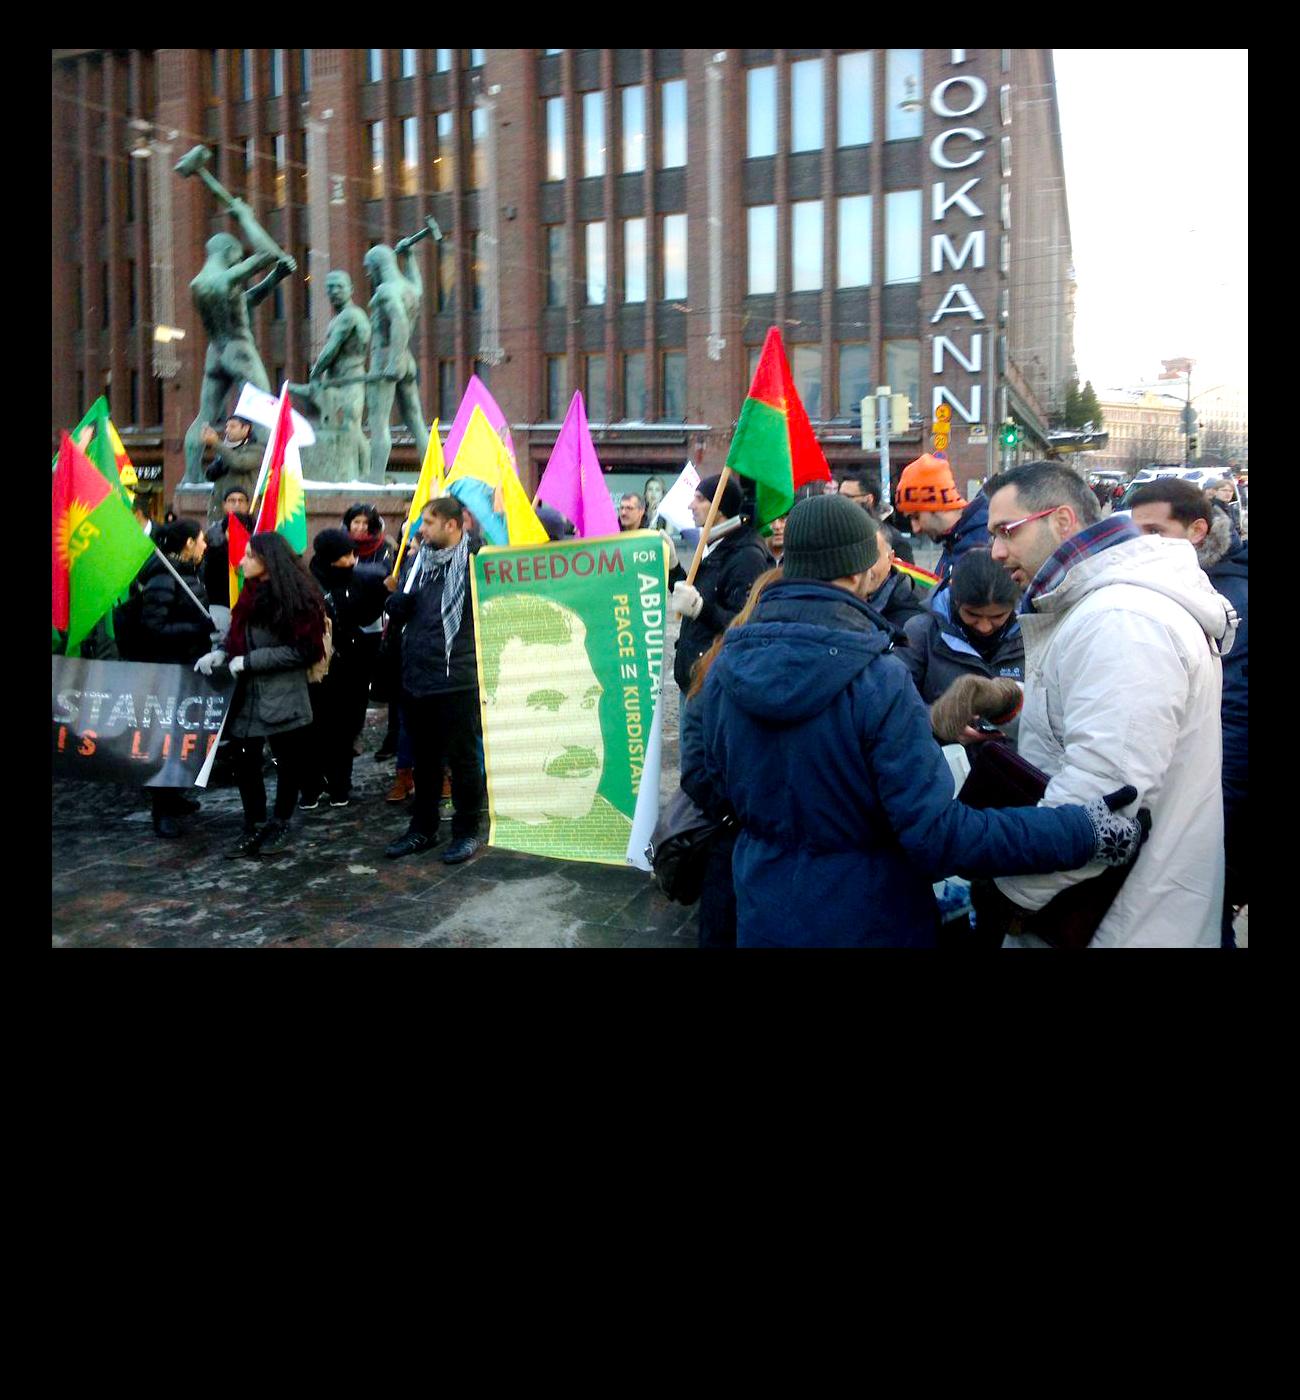 HDP tukimielenosoitusta häiriköitiin